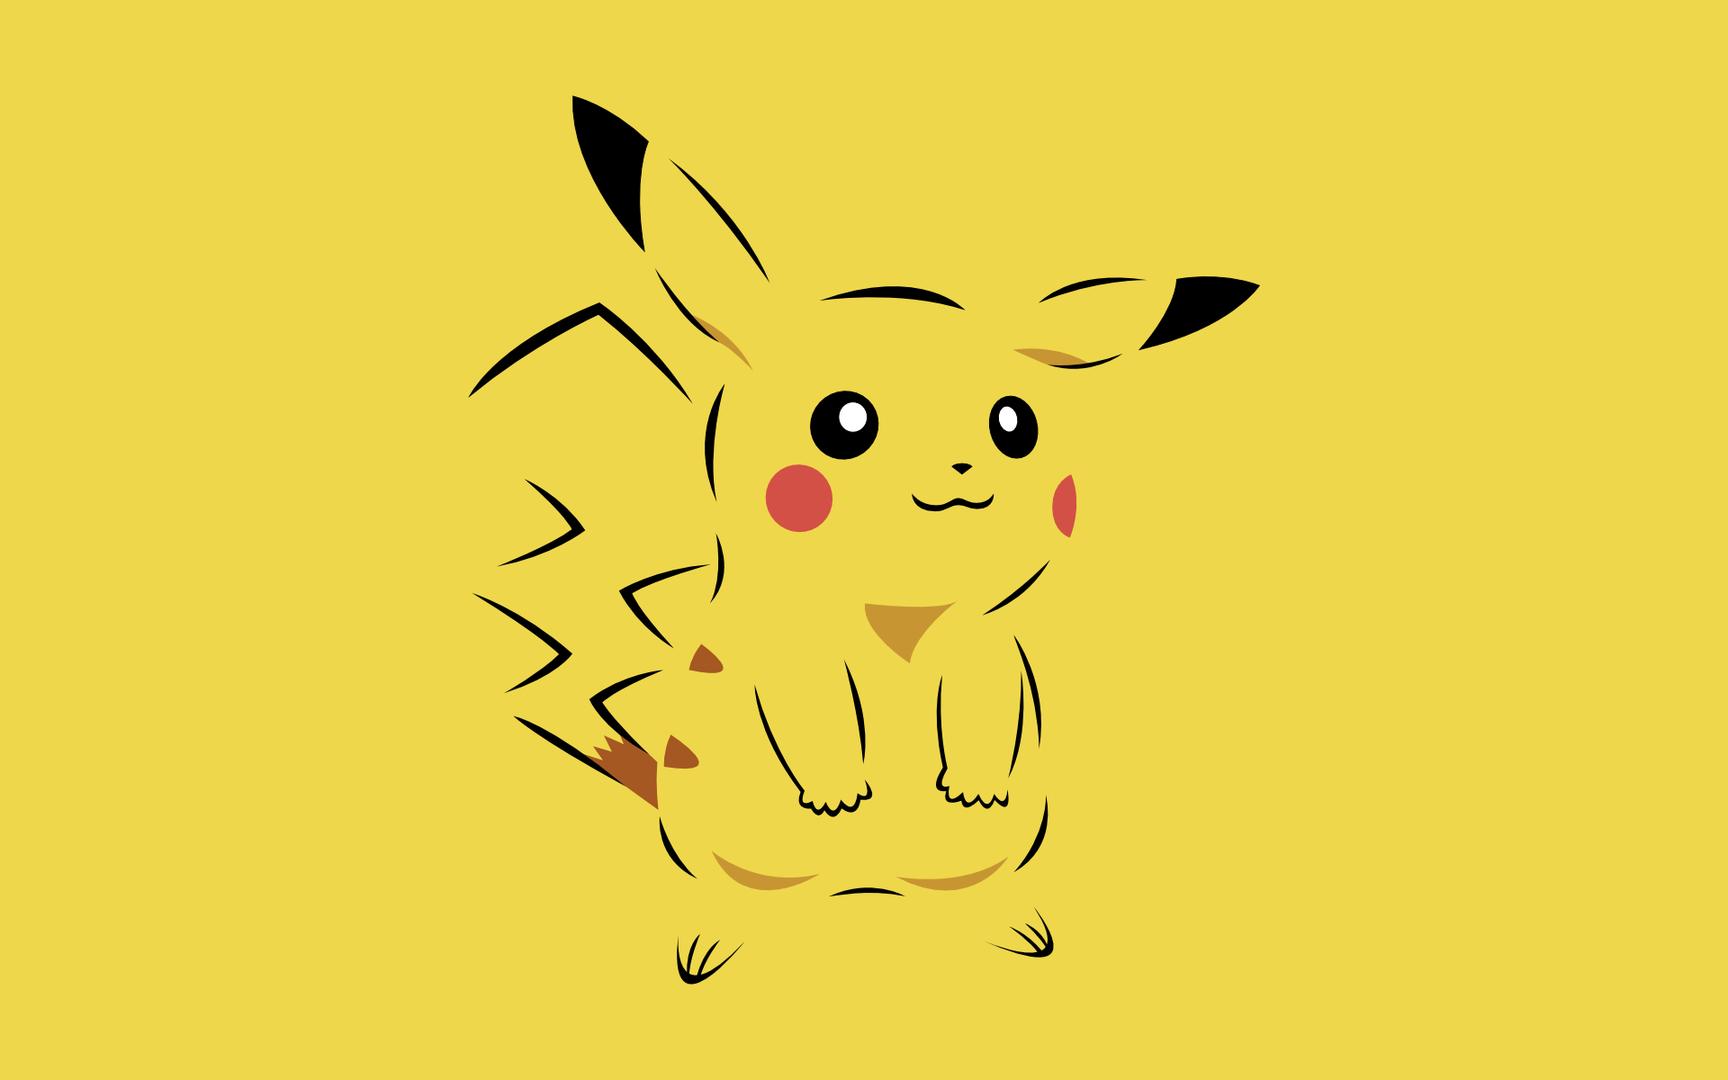 Pikachu wallpaper 15603 1728x1080